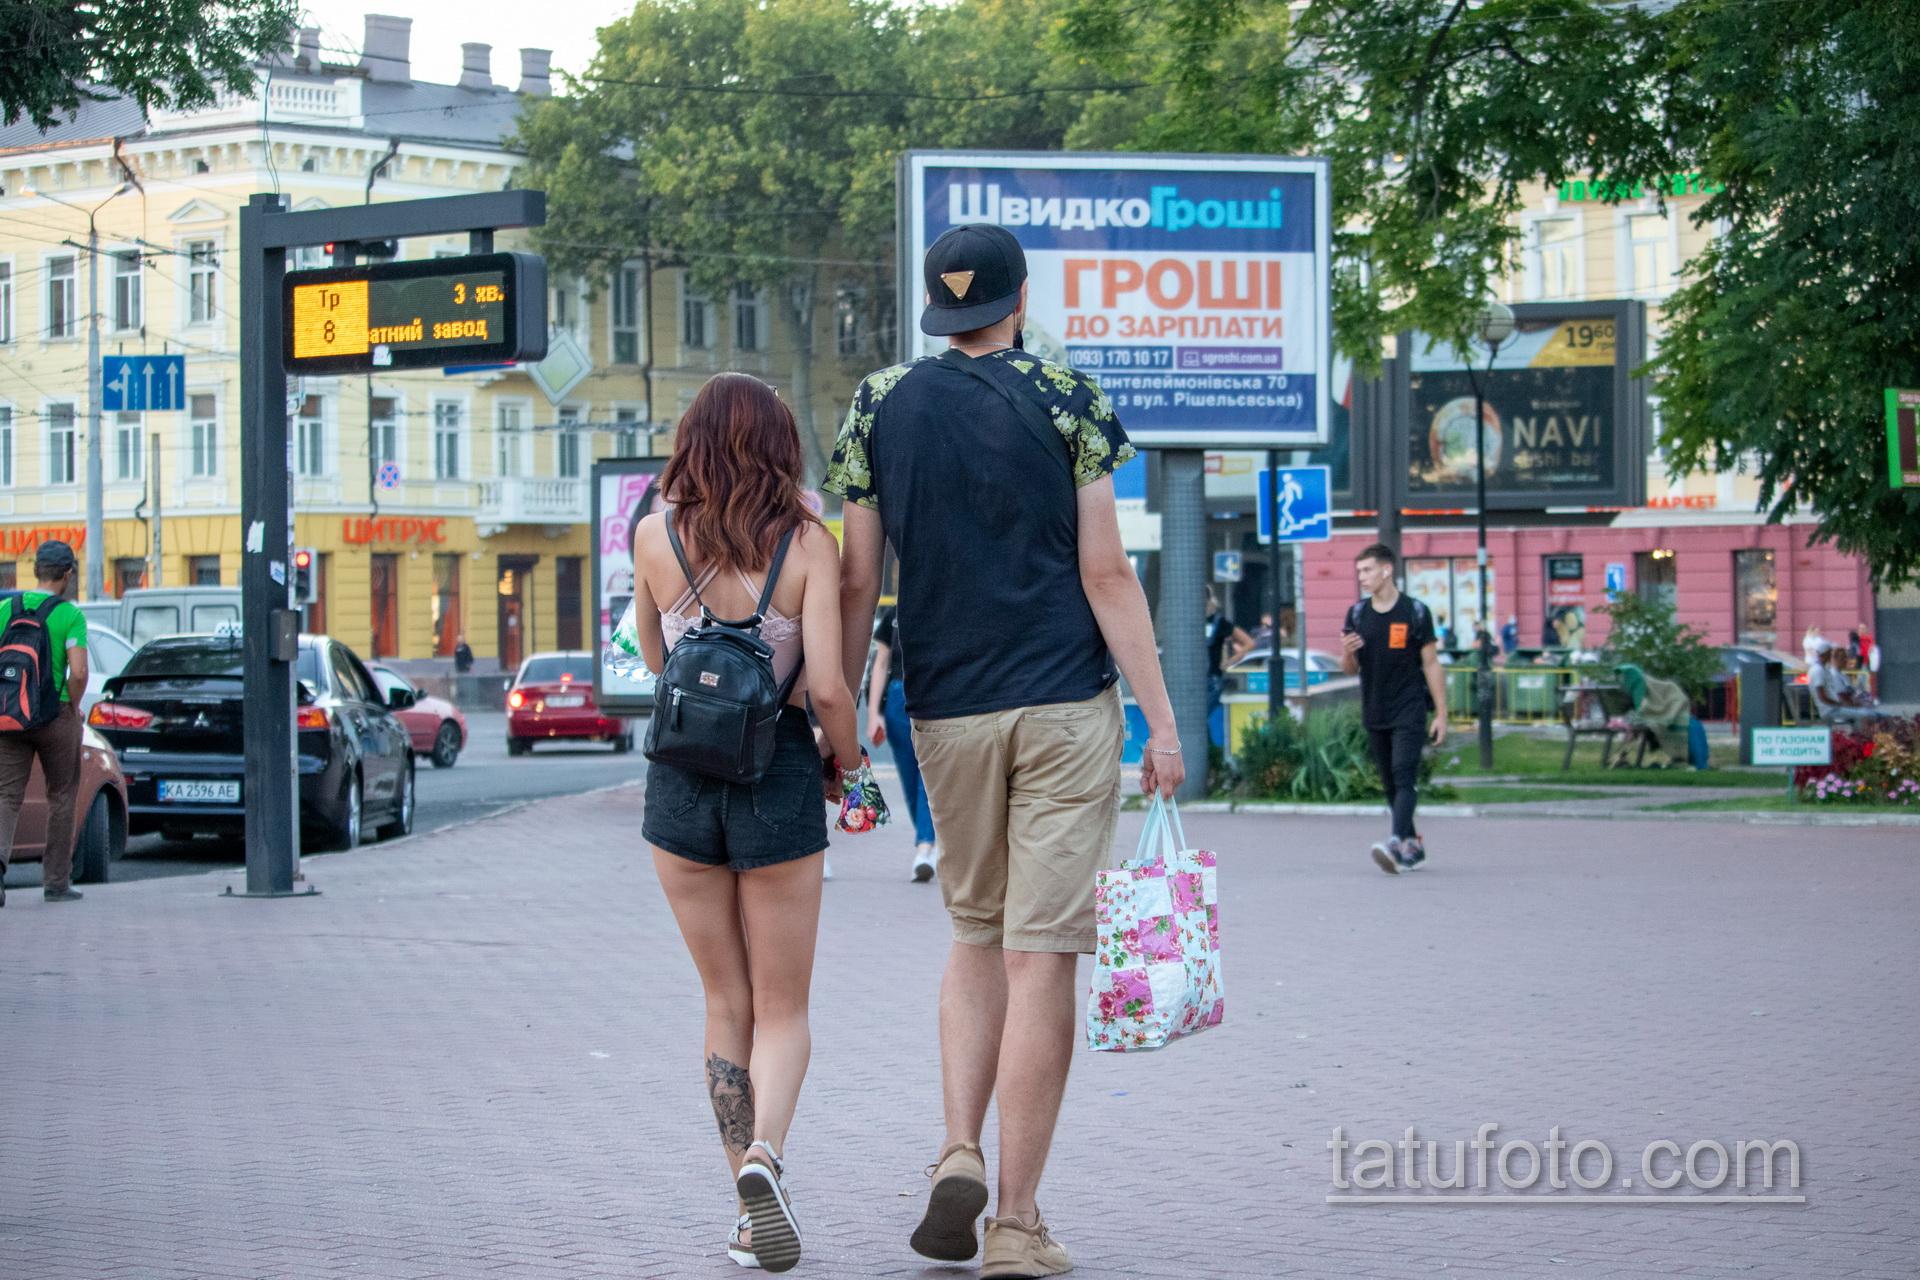 Тату с лебедем – зеркалом и цветами на икре у девушки - Уличная татуировка 14.09.2020 – tatufoto.com 2